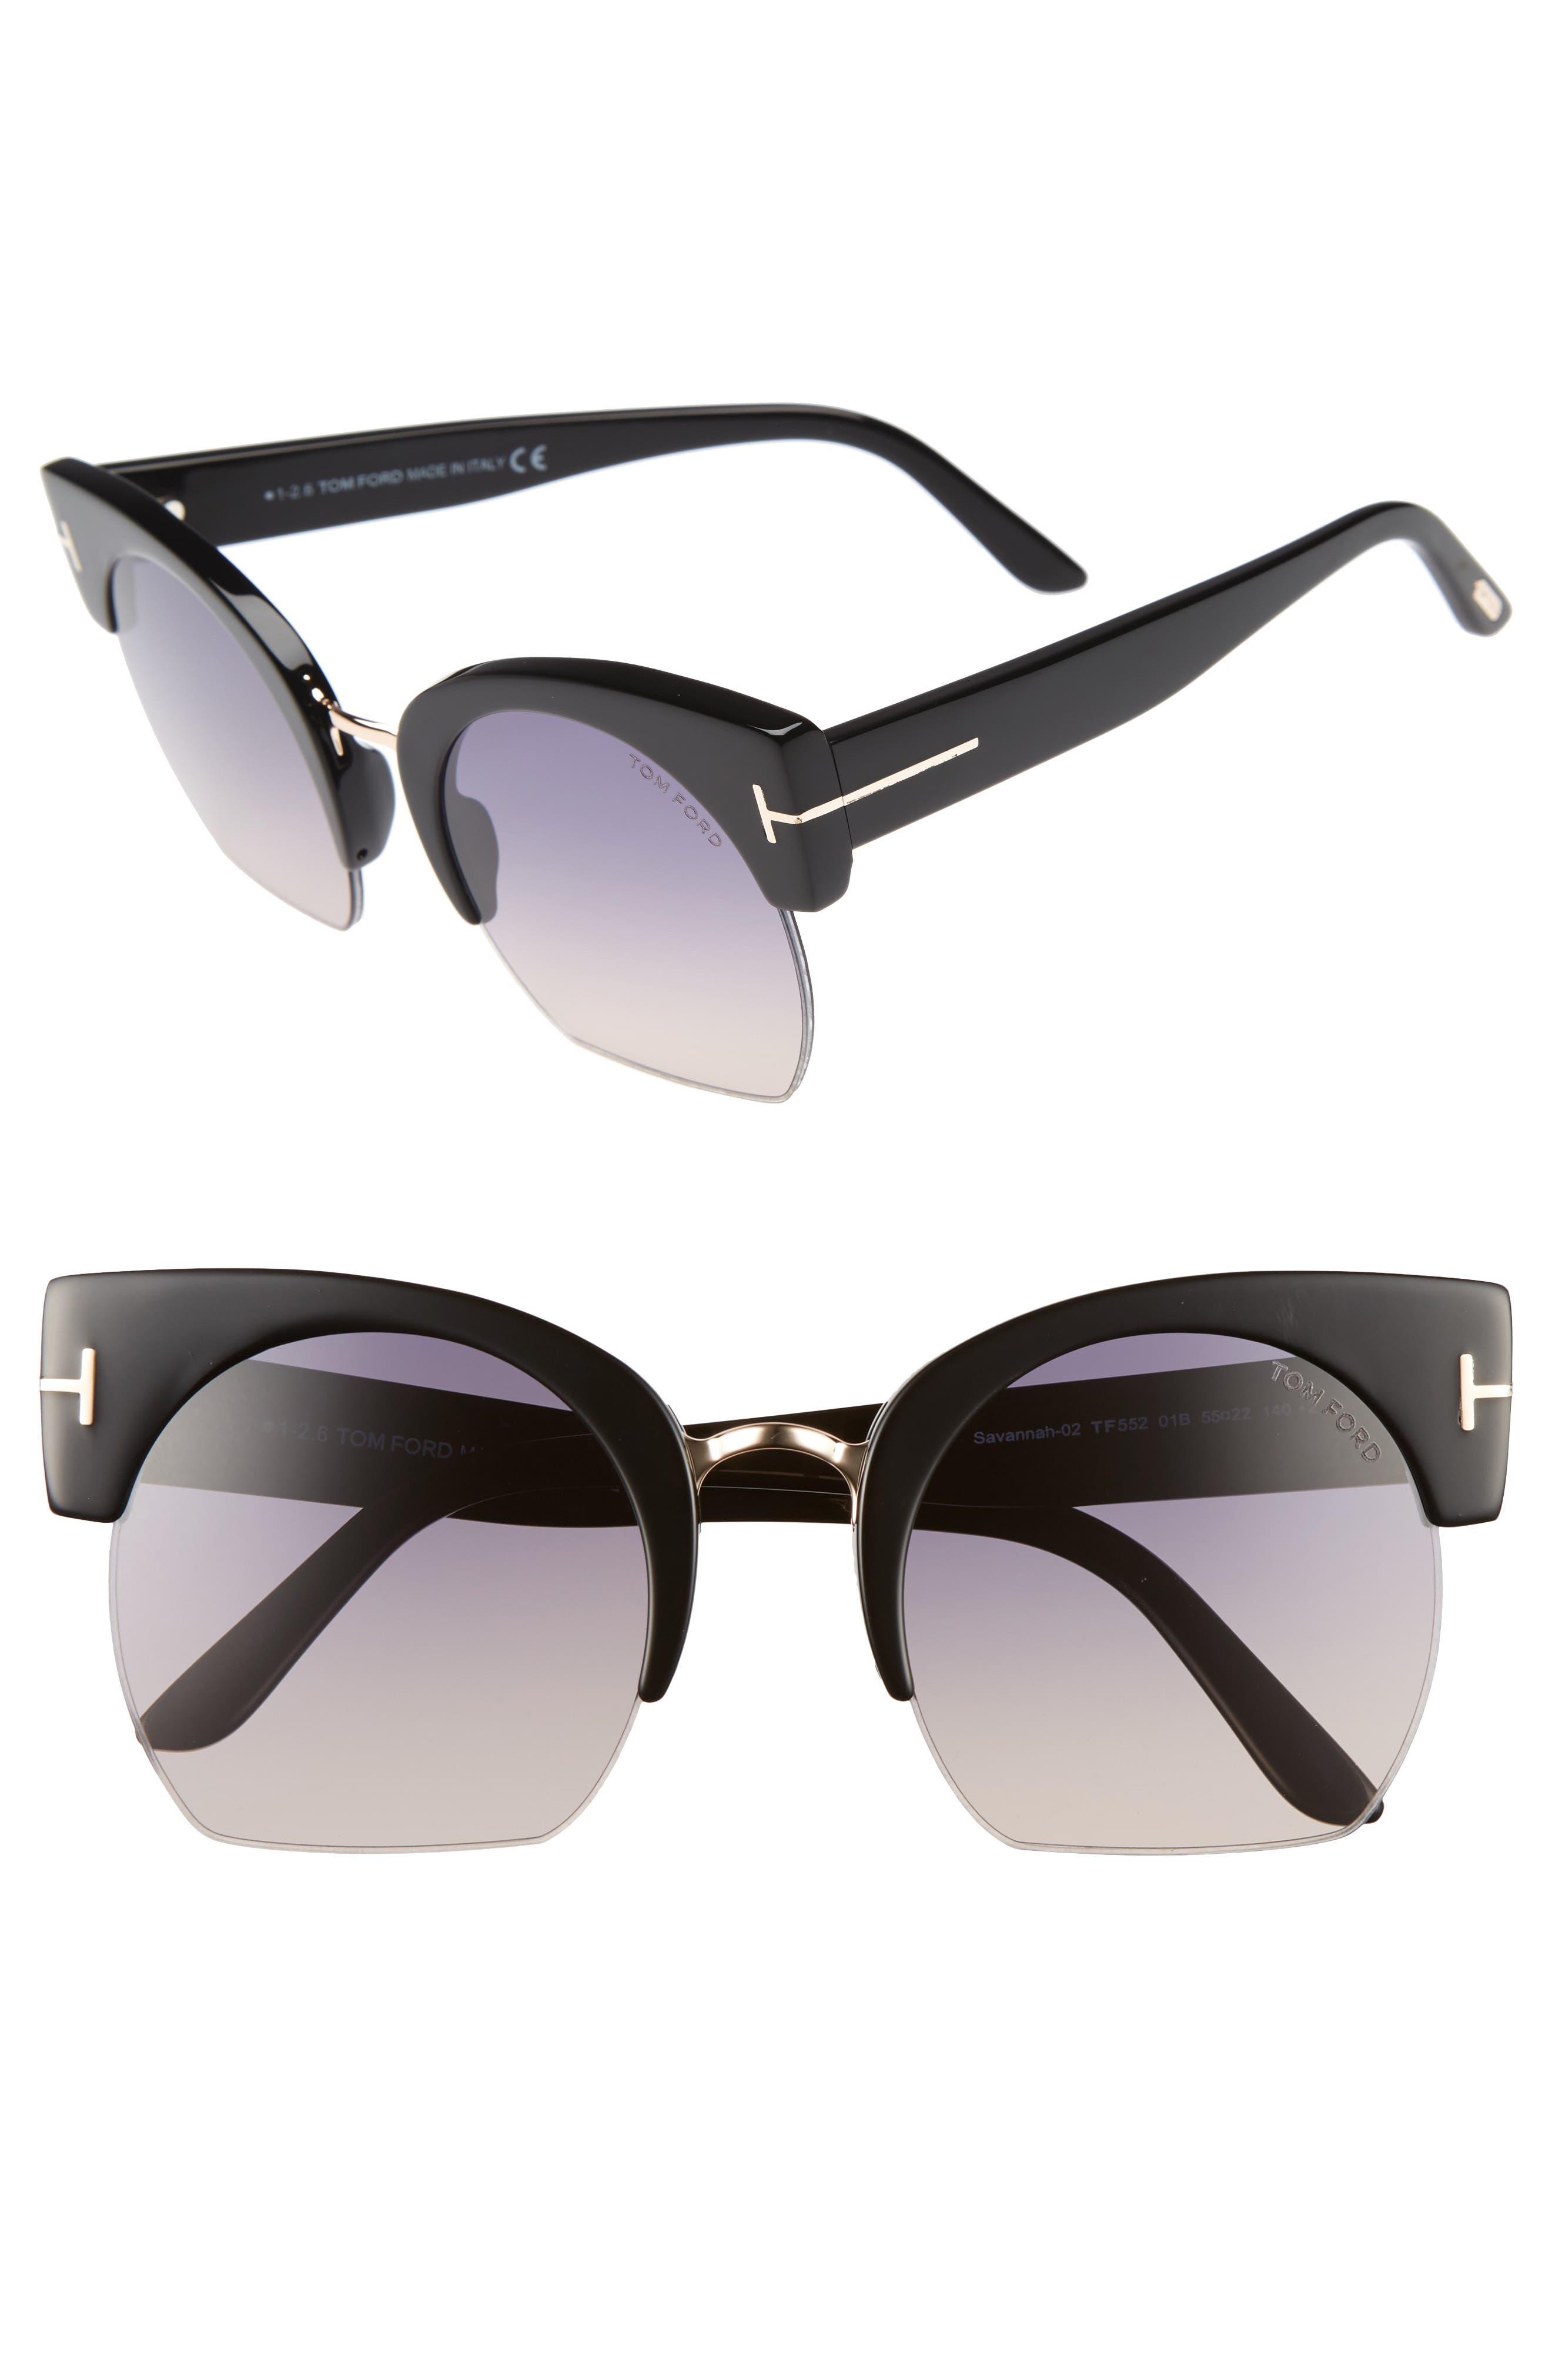 Savannah 55mm Cat Eye Sunglasses,                             Main thumbnail 1, color,                             001